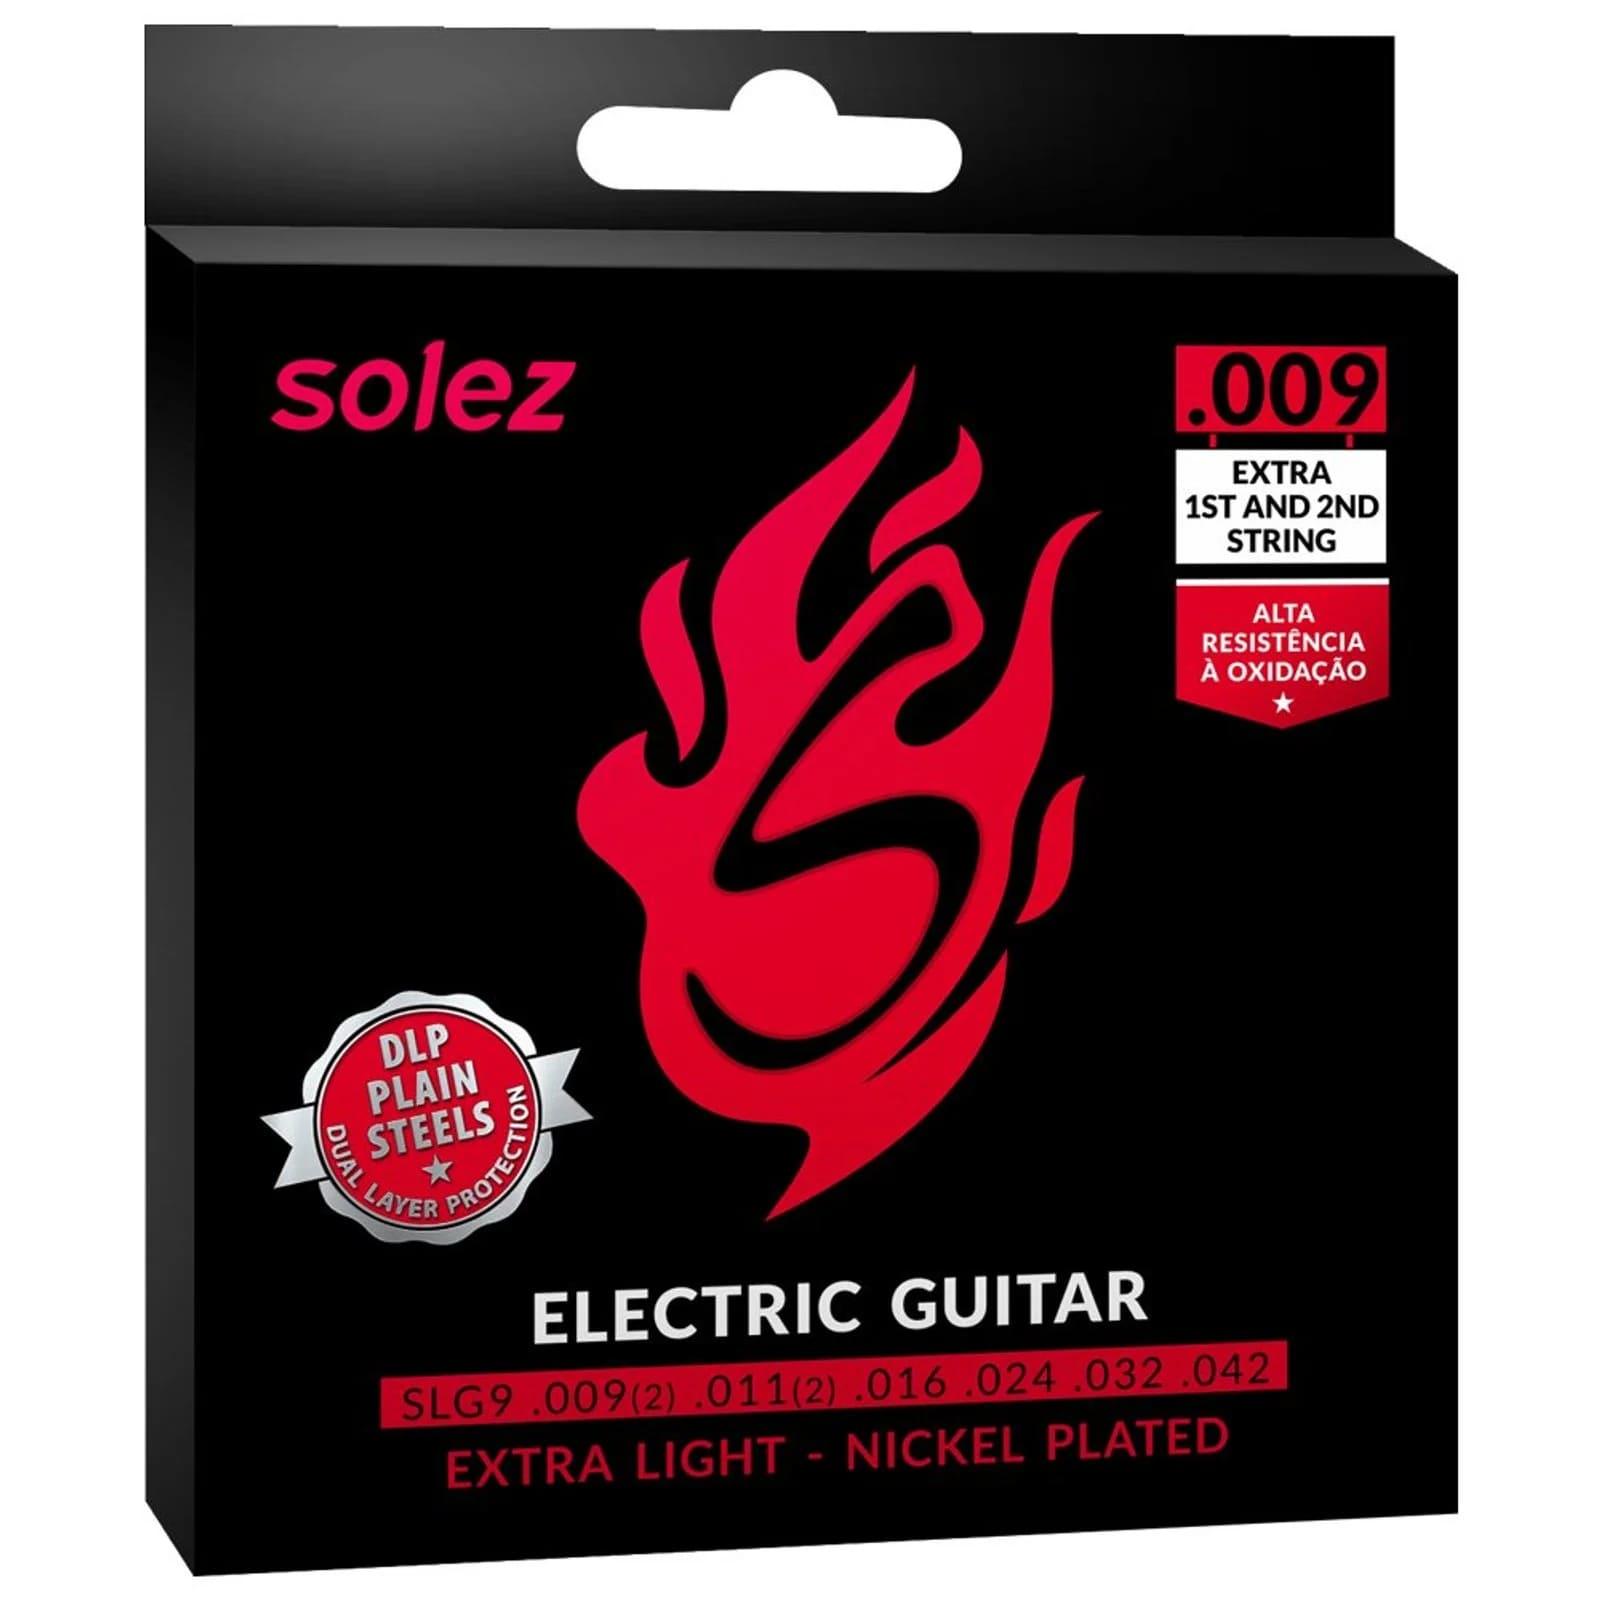 Cordas para Guitarra Solez SLG9 .009 - Tensão leve